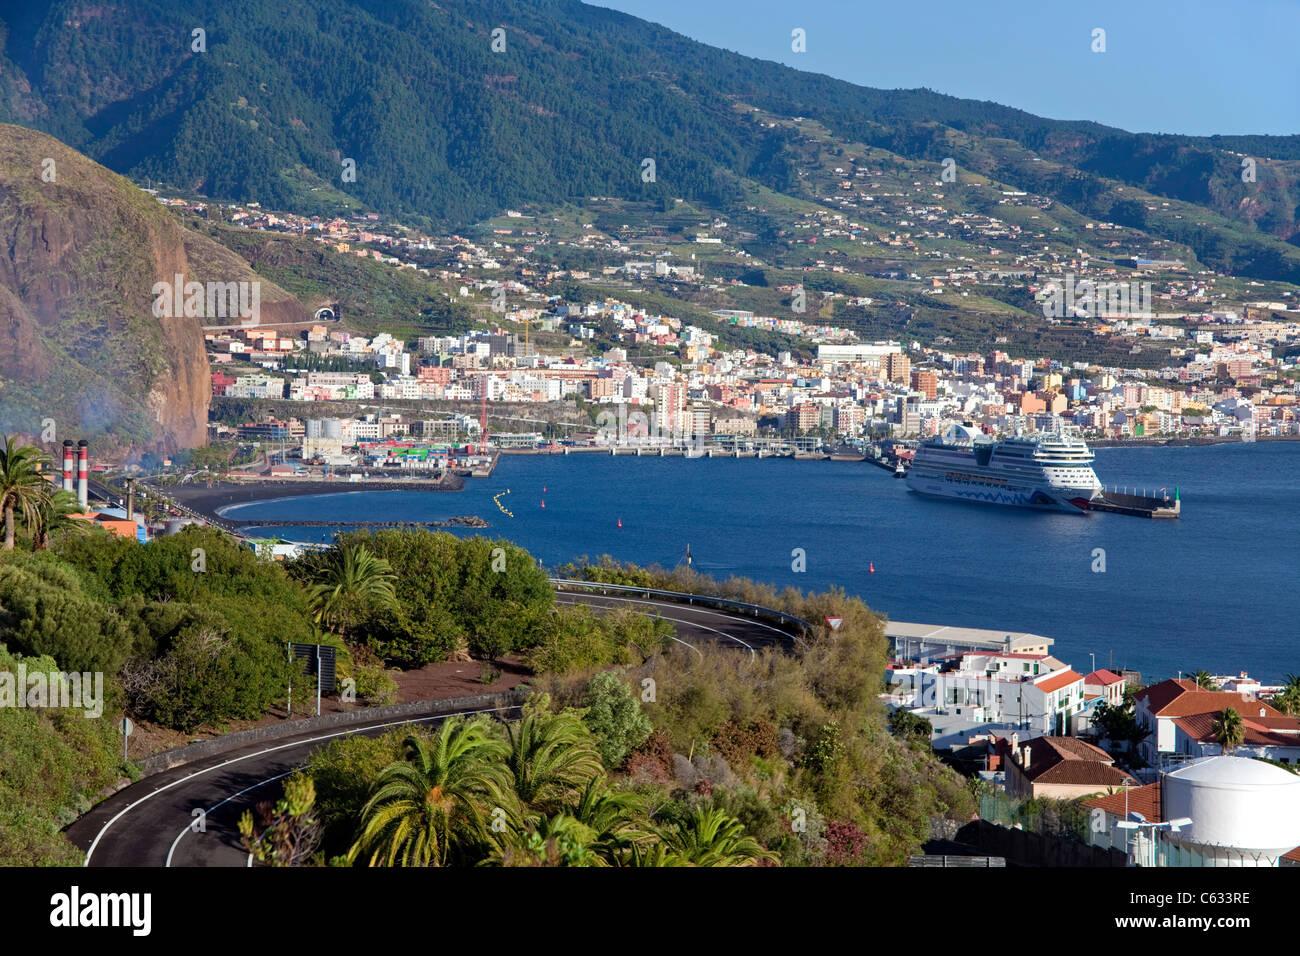 Das Kreuzfahrtschiff AIDA im Hafen von Santa Cruz, La Palma, Kanarische Inseln, Spanien, Europa Stockbild